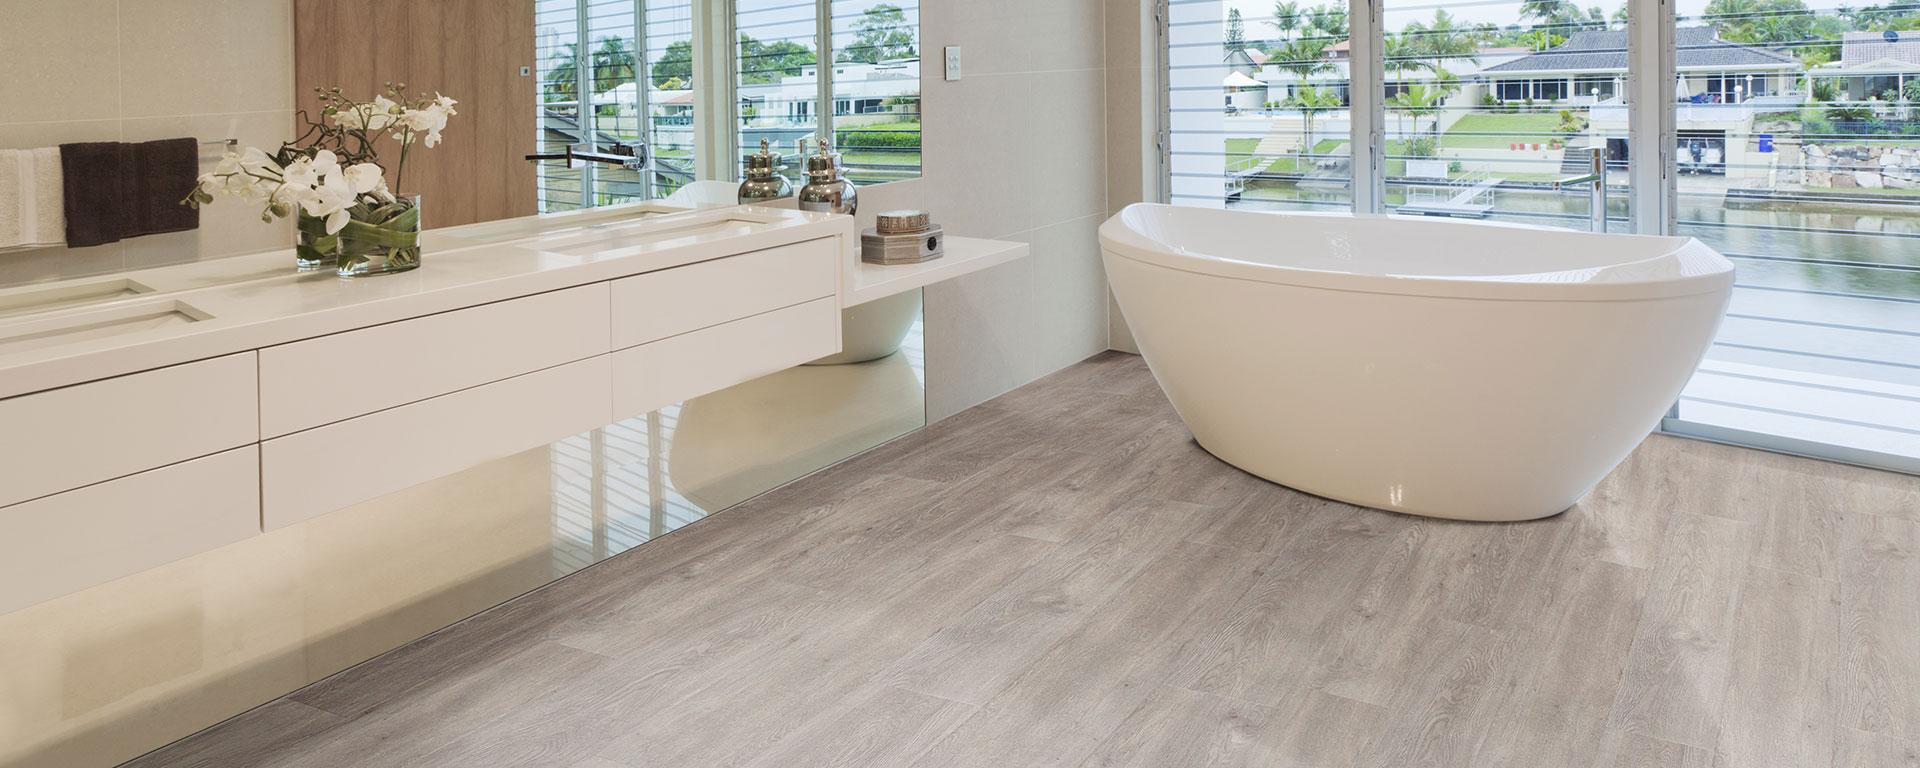 Decorator Trends: Waterproof Flooring   Harvey Norman Australia